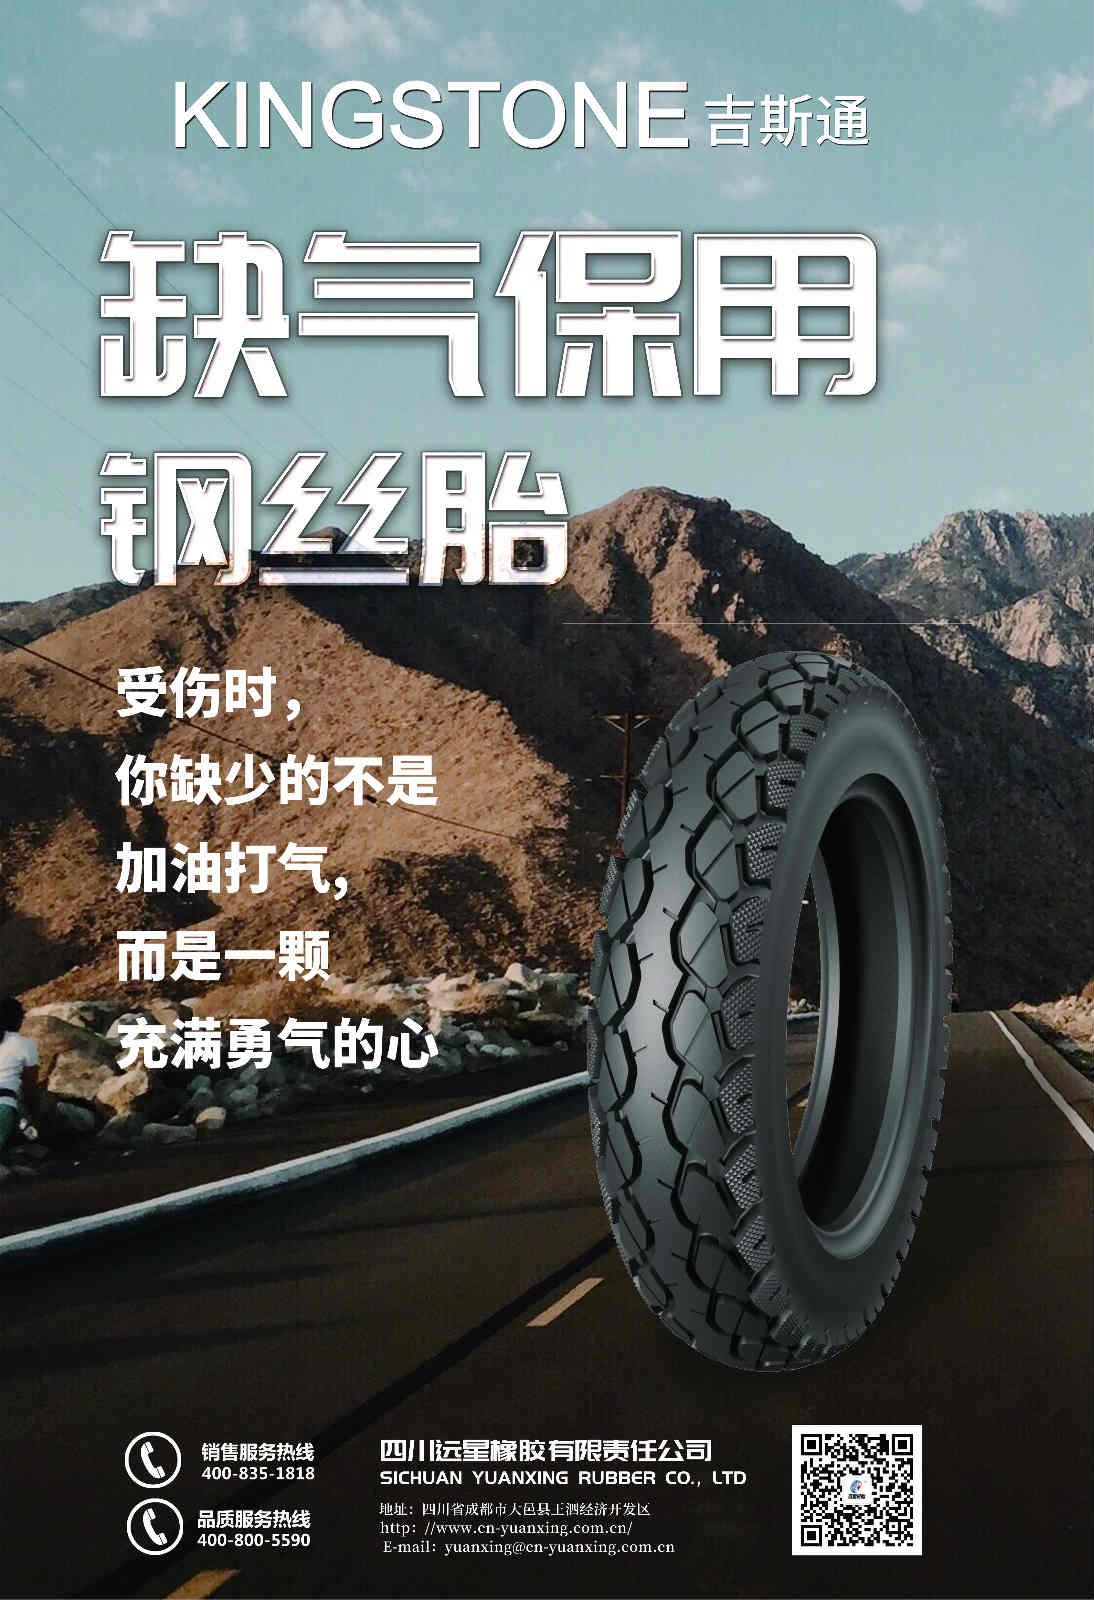 汽车轮胎出售-哪里有销售专业的轮胎